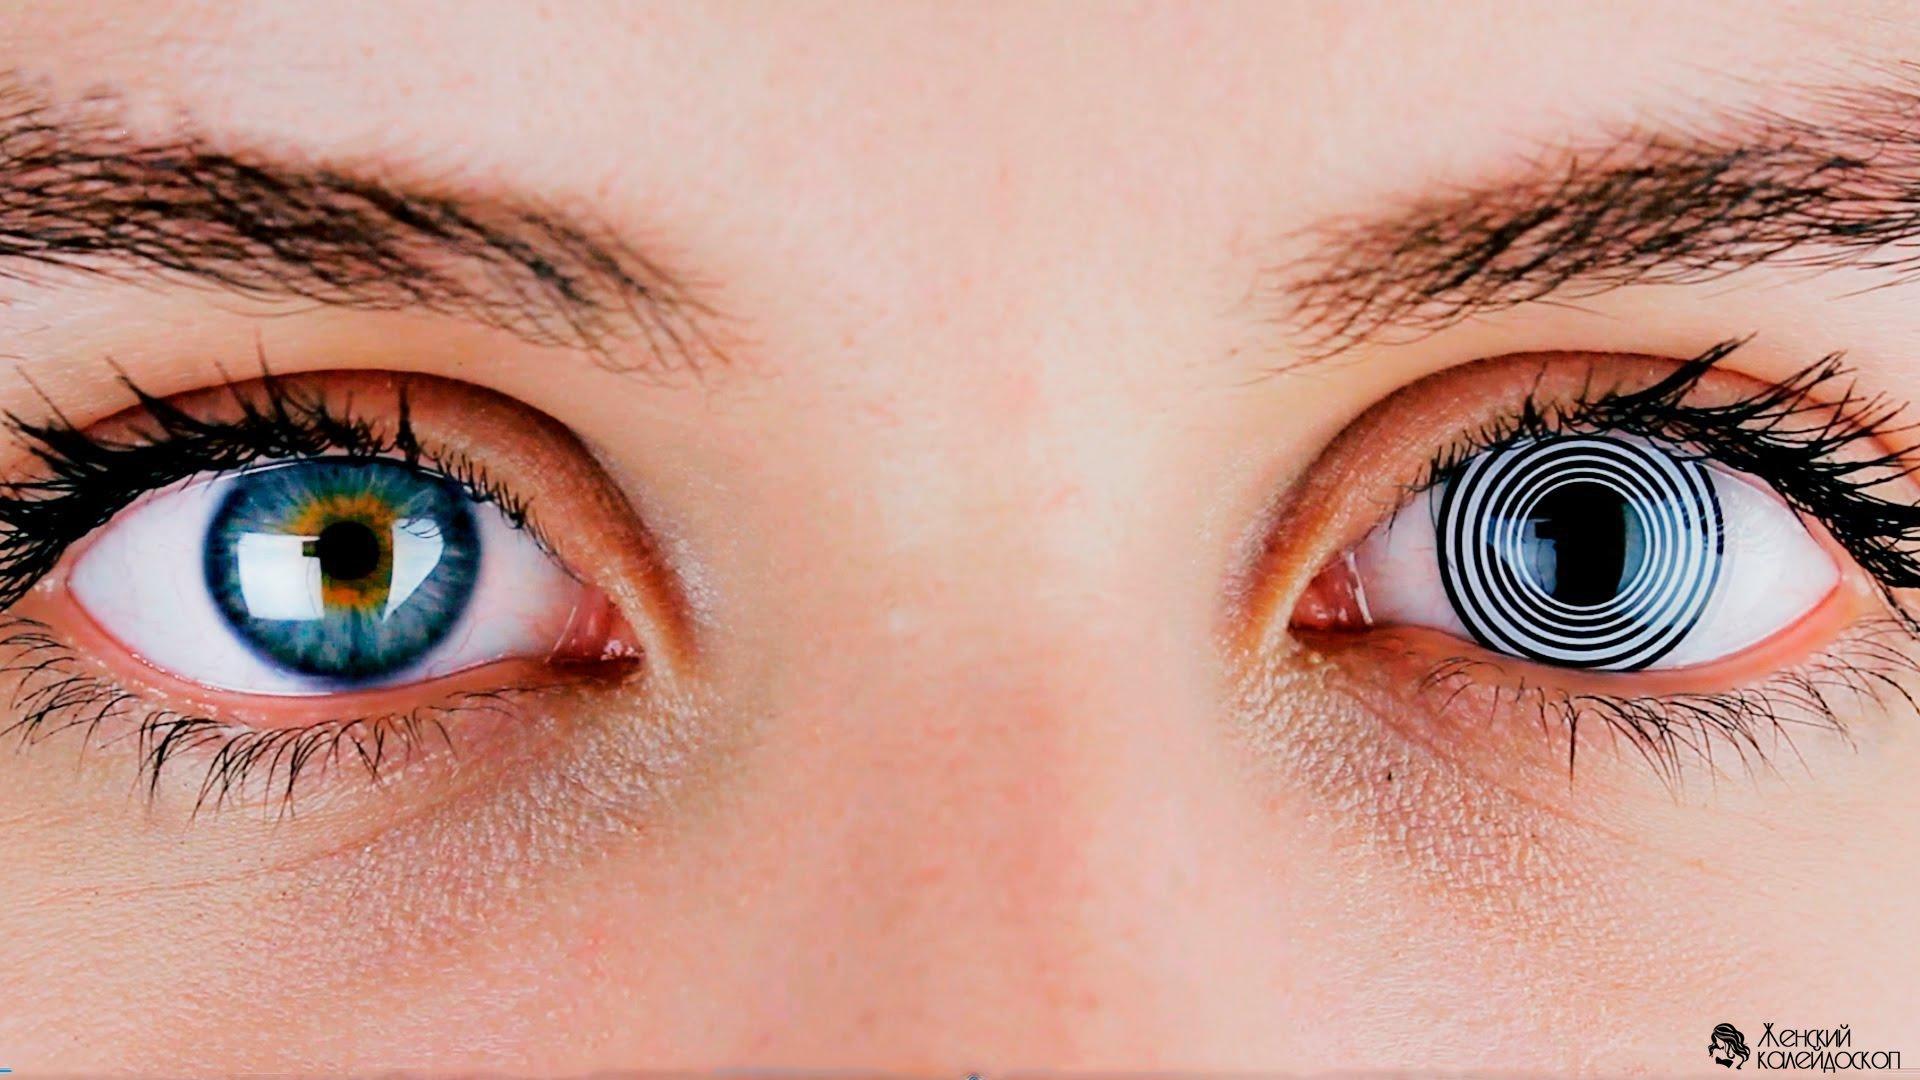 Центр восстановления зрения при нии глазных болезней